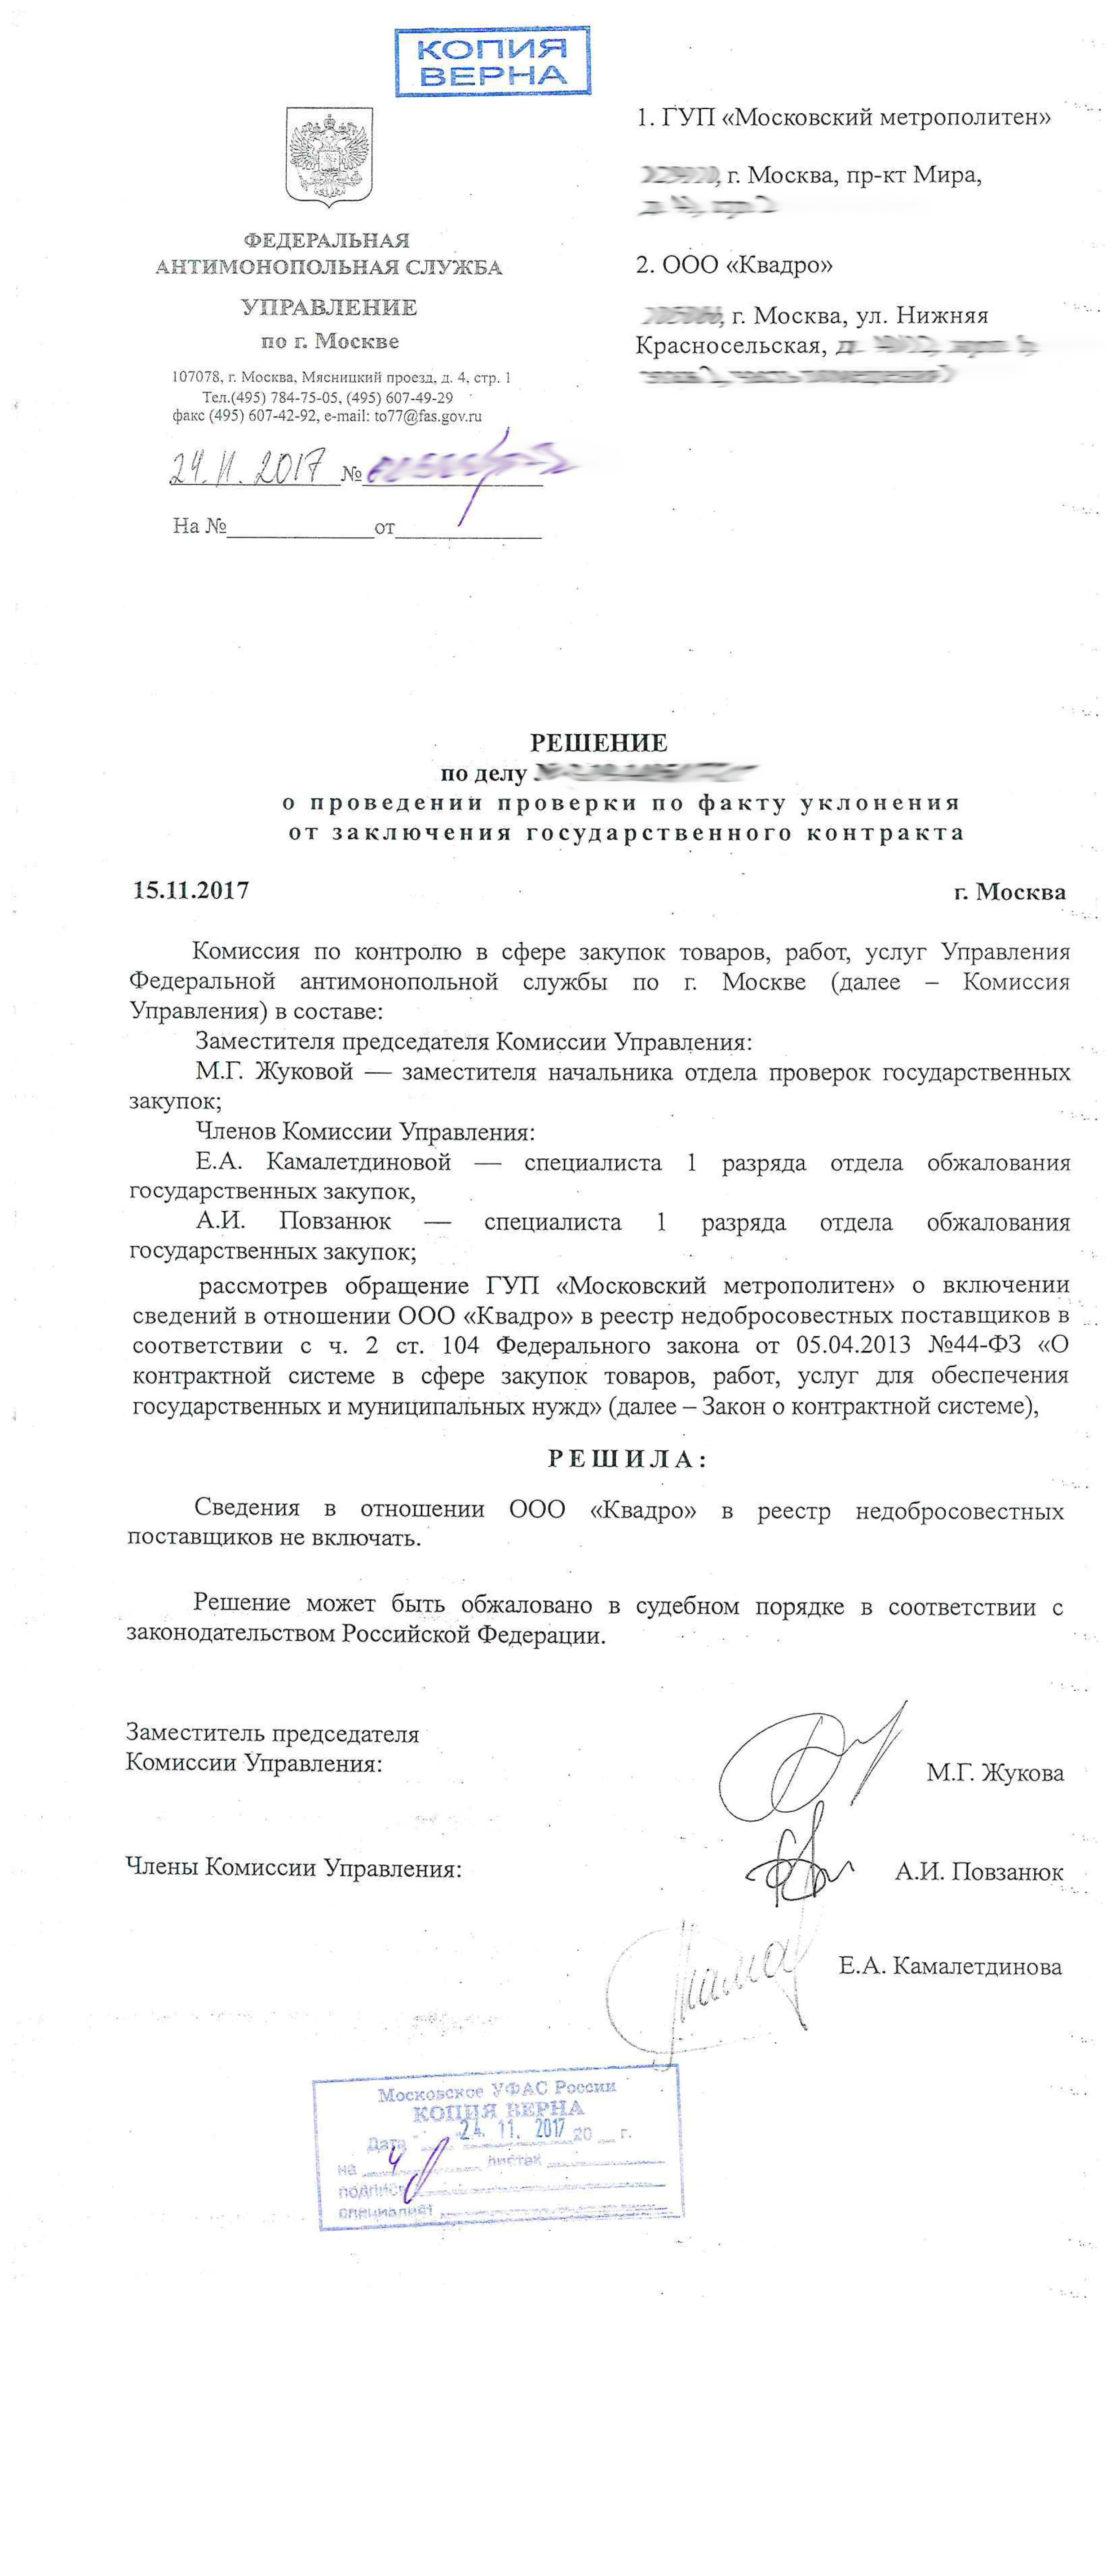 Московское УФАС Квадро решение